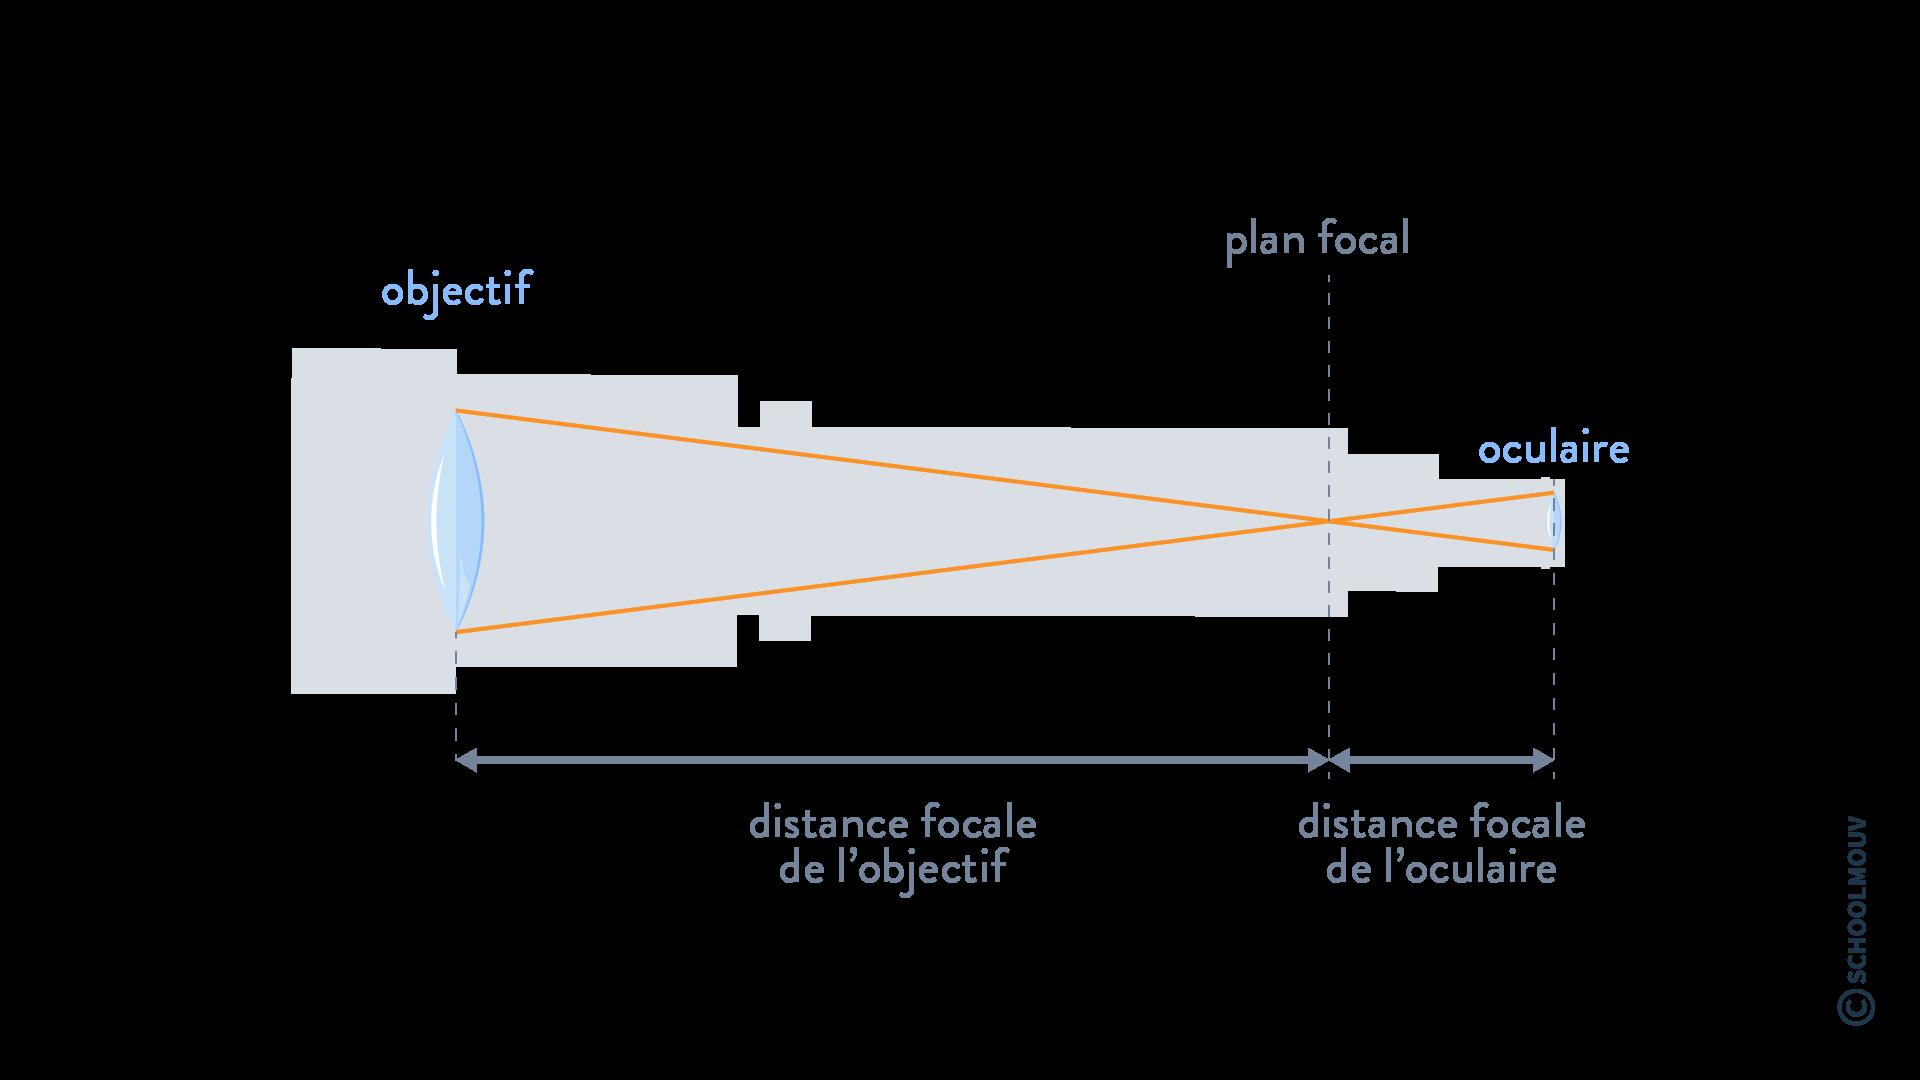 physique chimie terminale système optique et formation d'images lunette astronomique